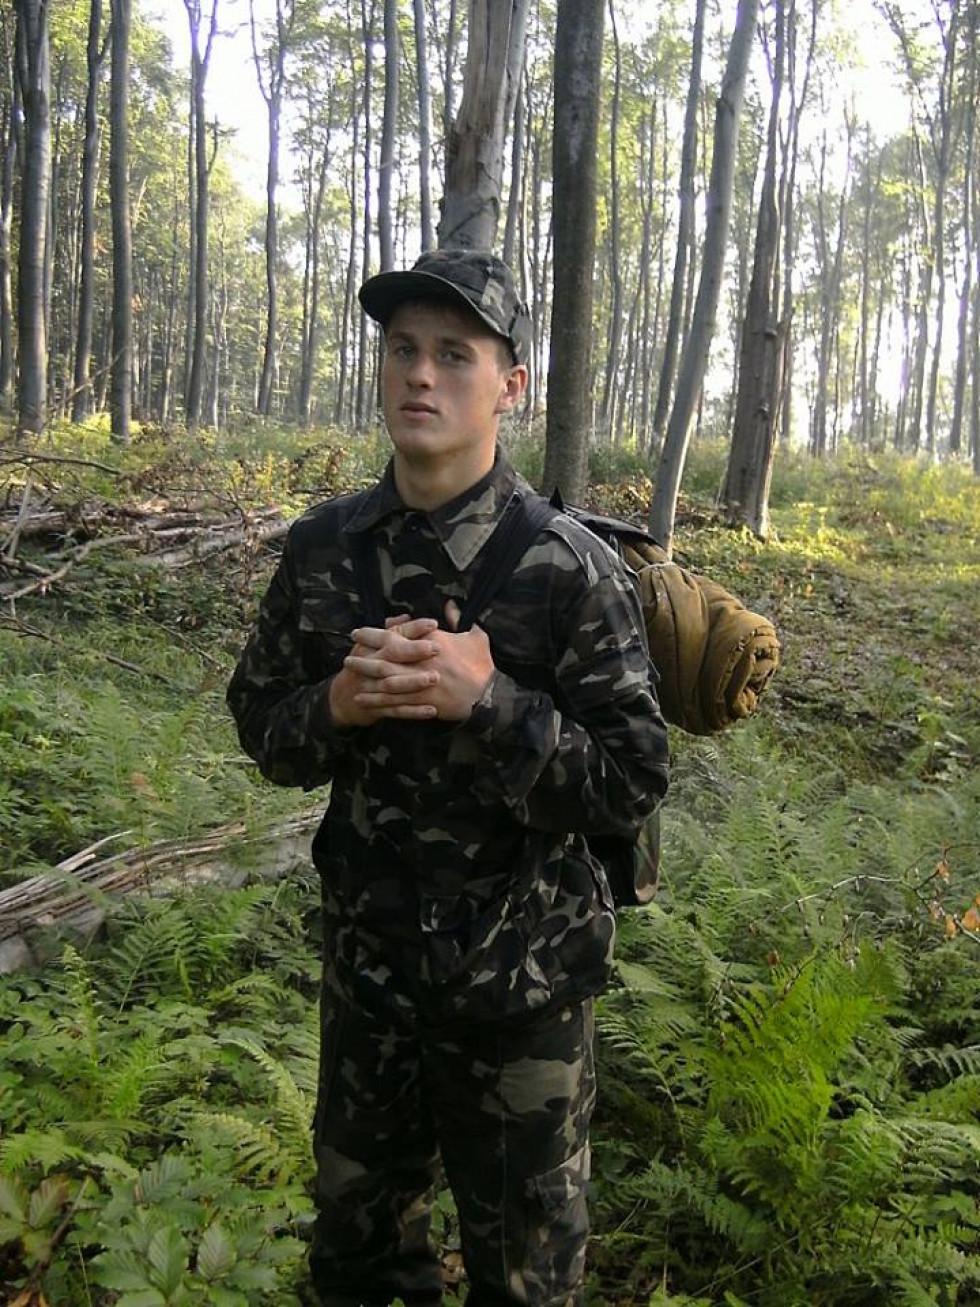 Богдан Бальбуза, захисник України, керівник «Центру національно-патріотичного виховання», журналіст